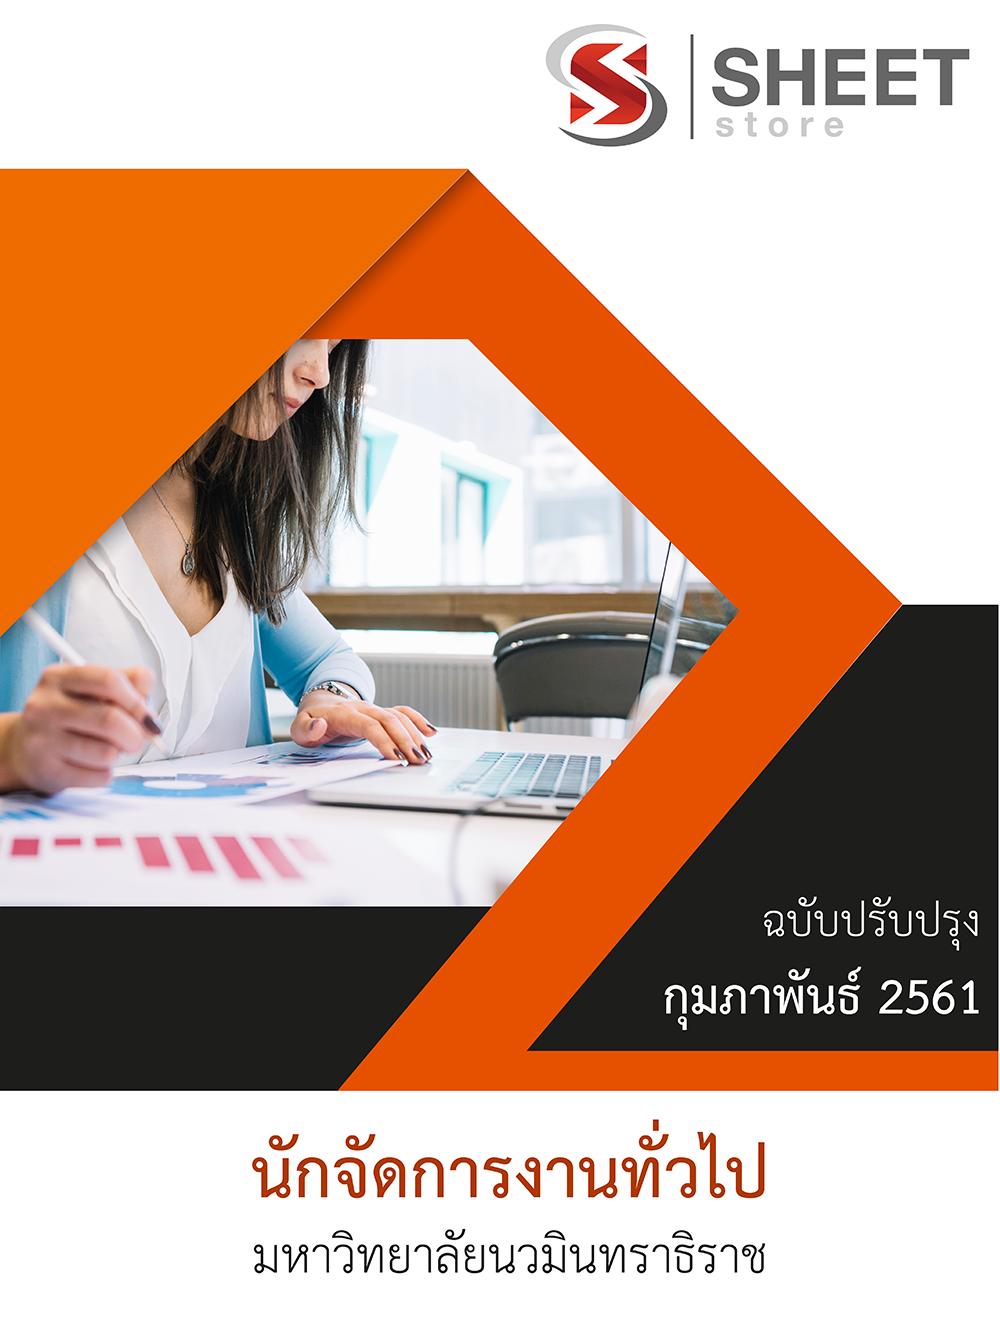 แนวข้อสอบ นักจัดการงานทั่วไป มหาวิทยาลัยนวมินทราธิราช (พร้อมเฉลย)